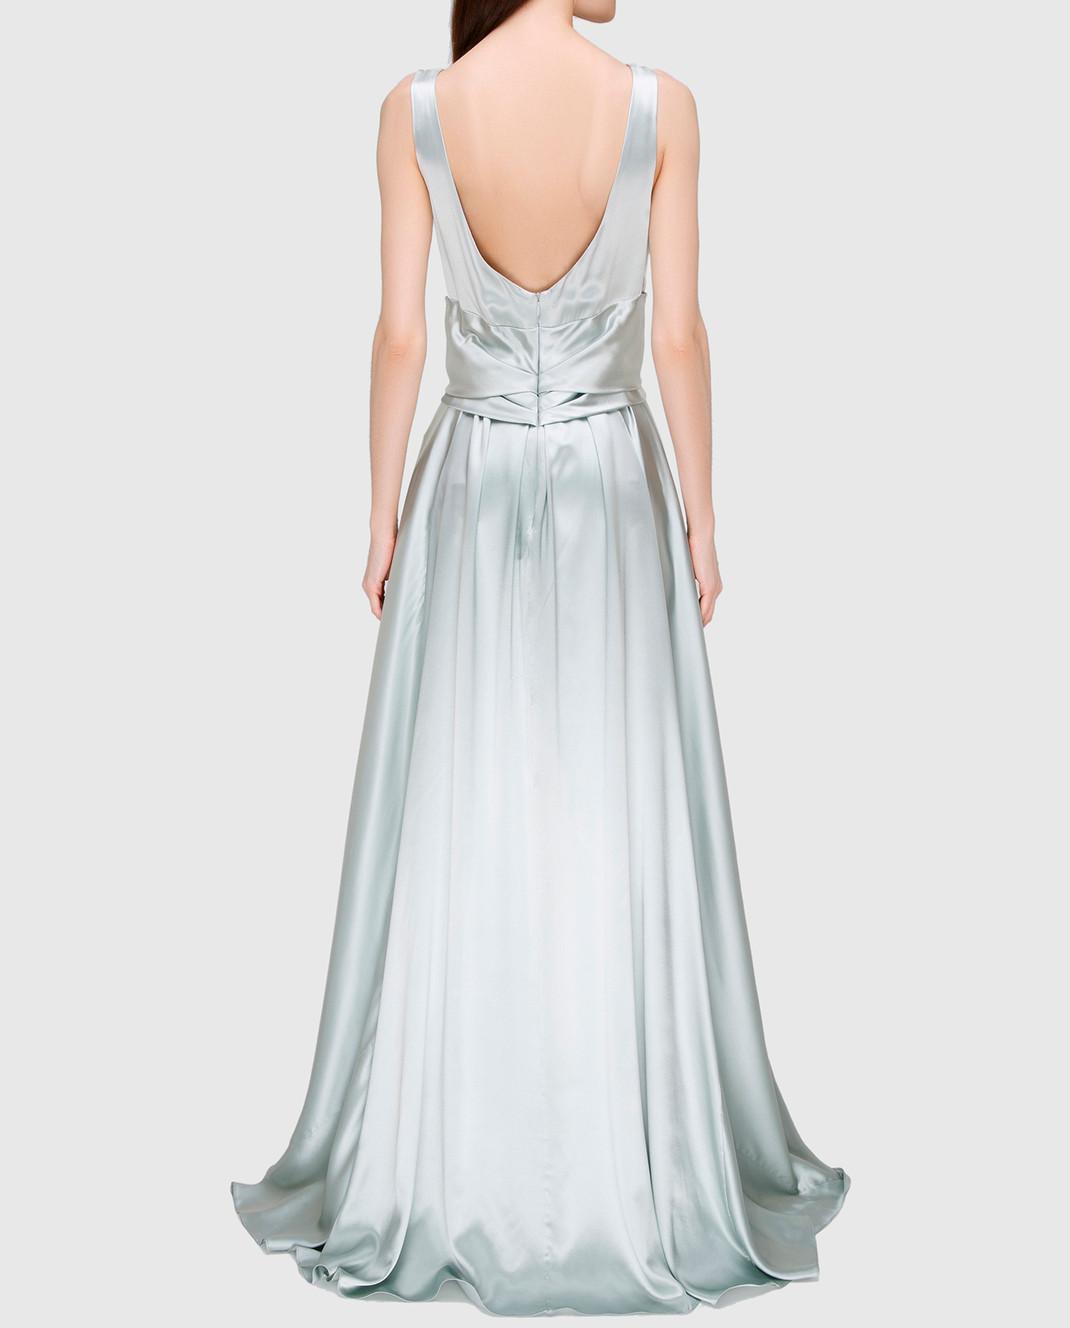 Collette Dinnigan Светло-серое платье из шелка 11115082 изображение 4